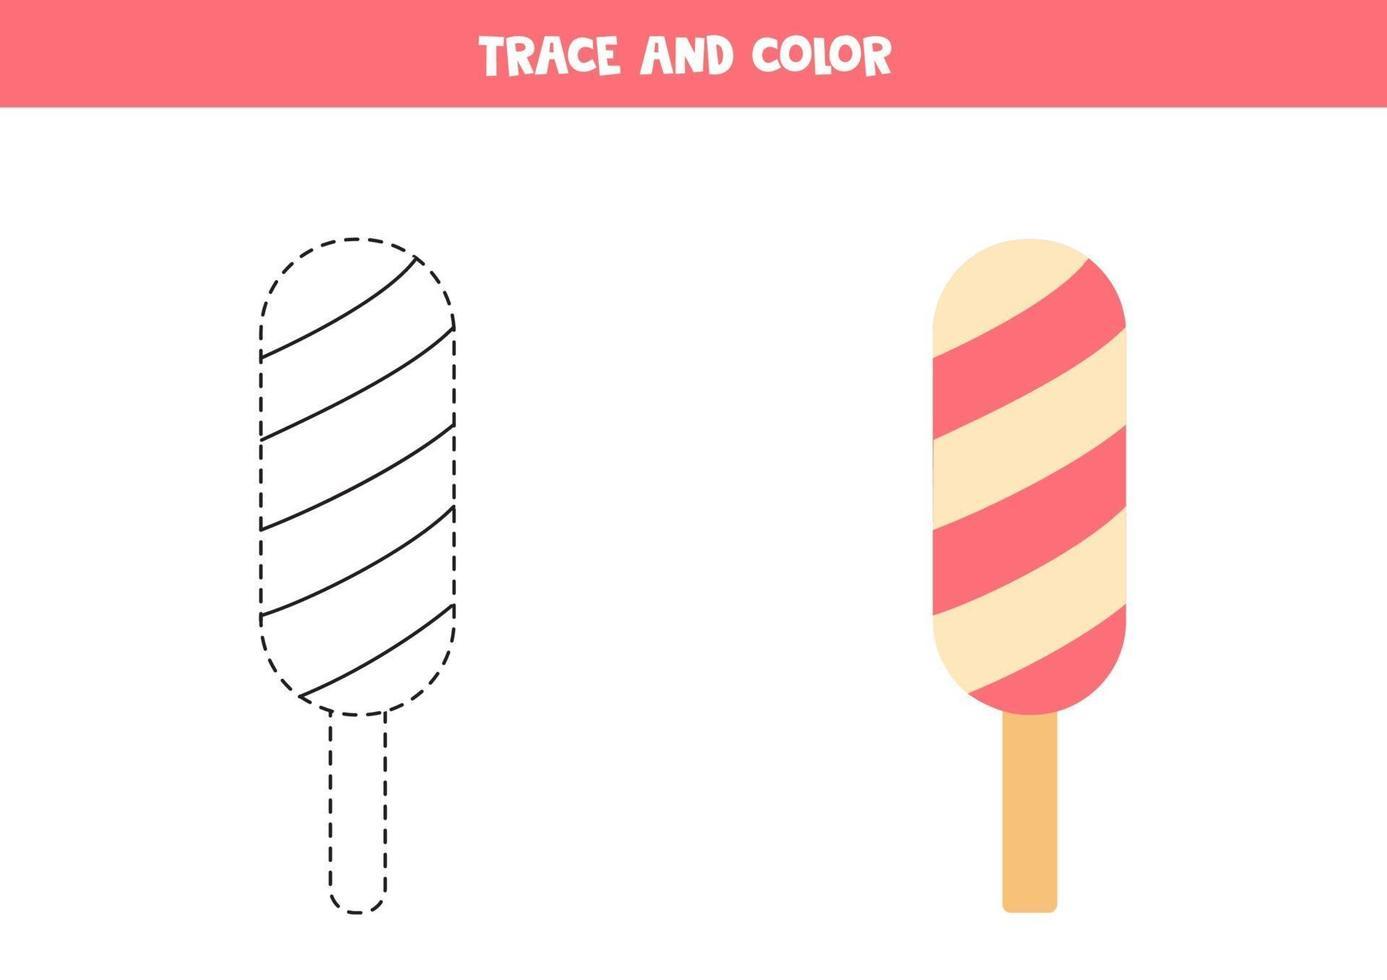 traccia e colora il gelato rosa. foglio di lavoro per bambini. vettore